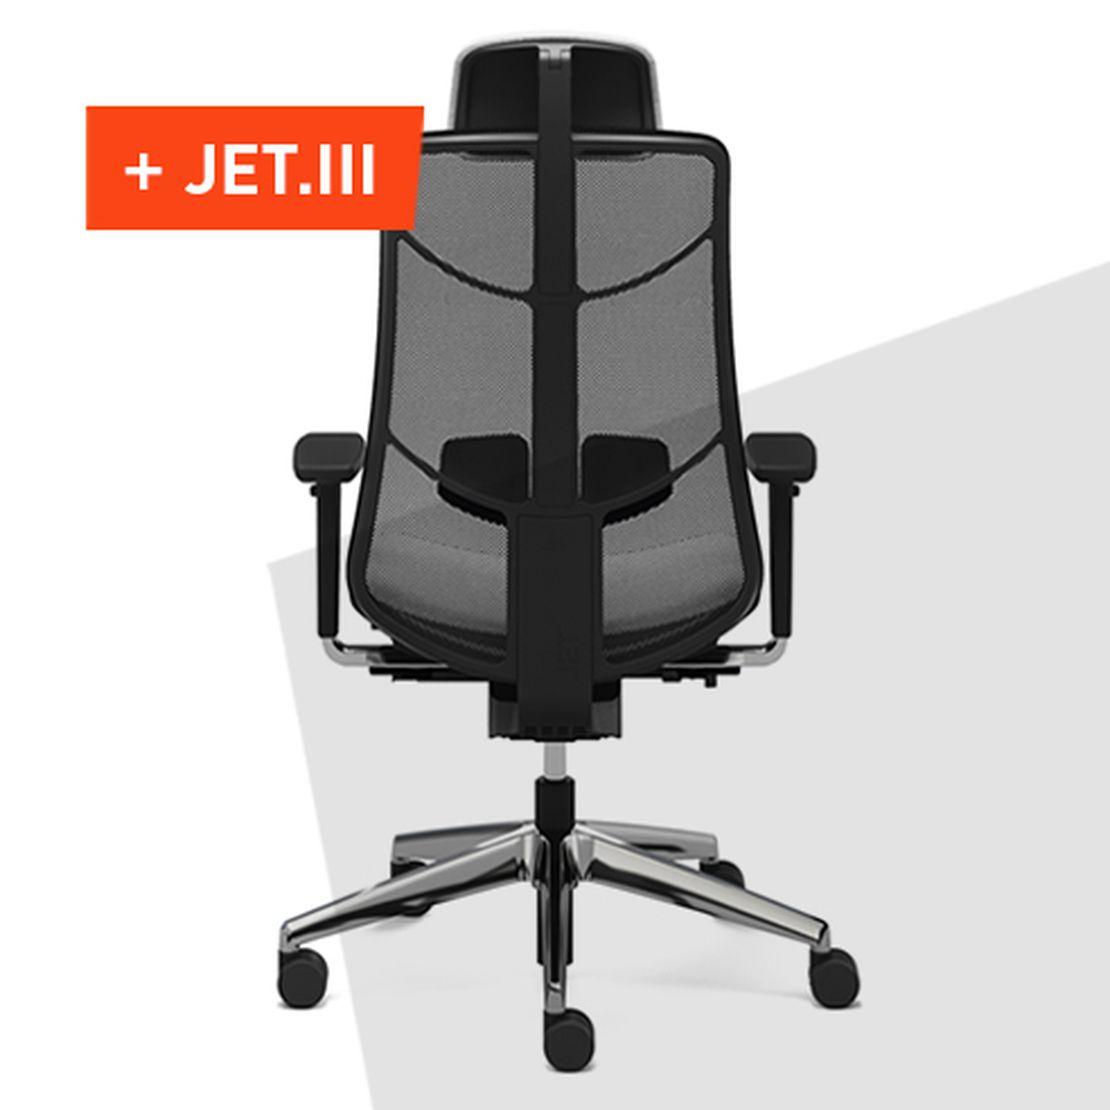 Der innovative Bürodrehstuhl JET.III unterstützt die Bewegungen des Körpers optimal.